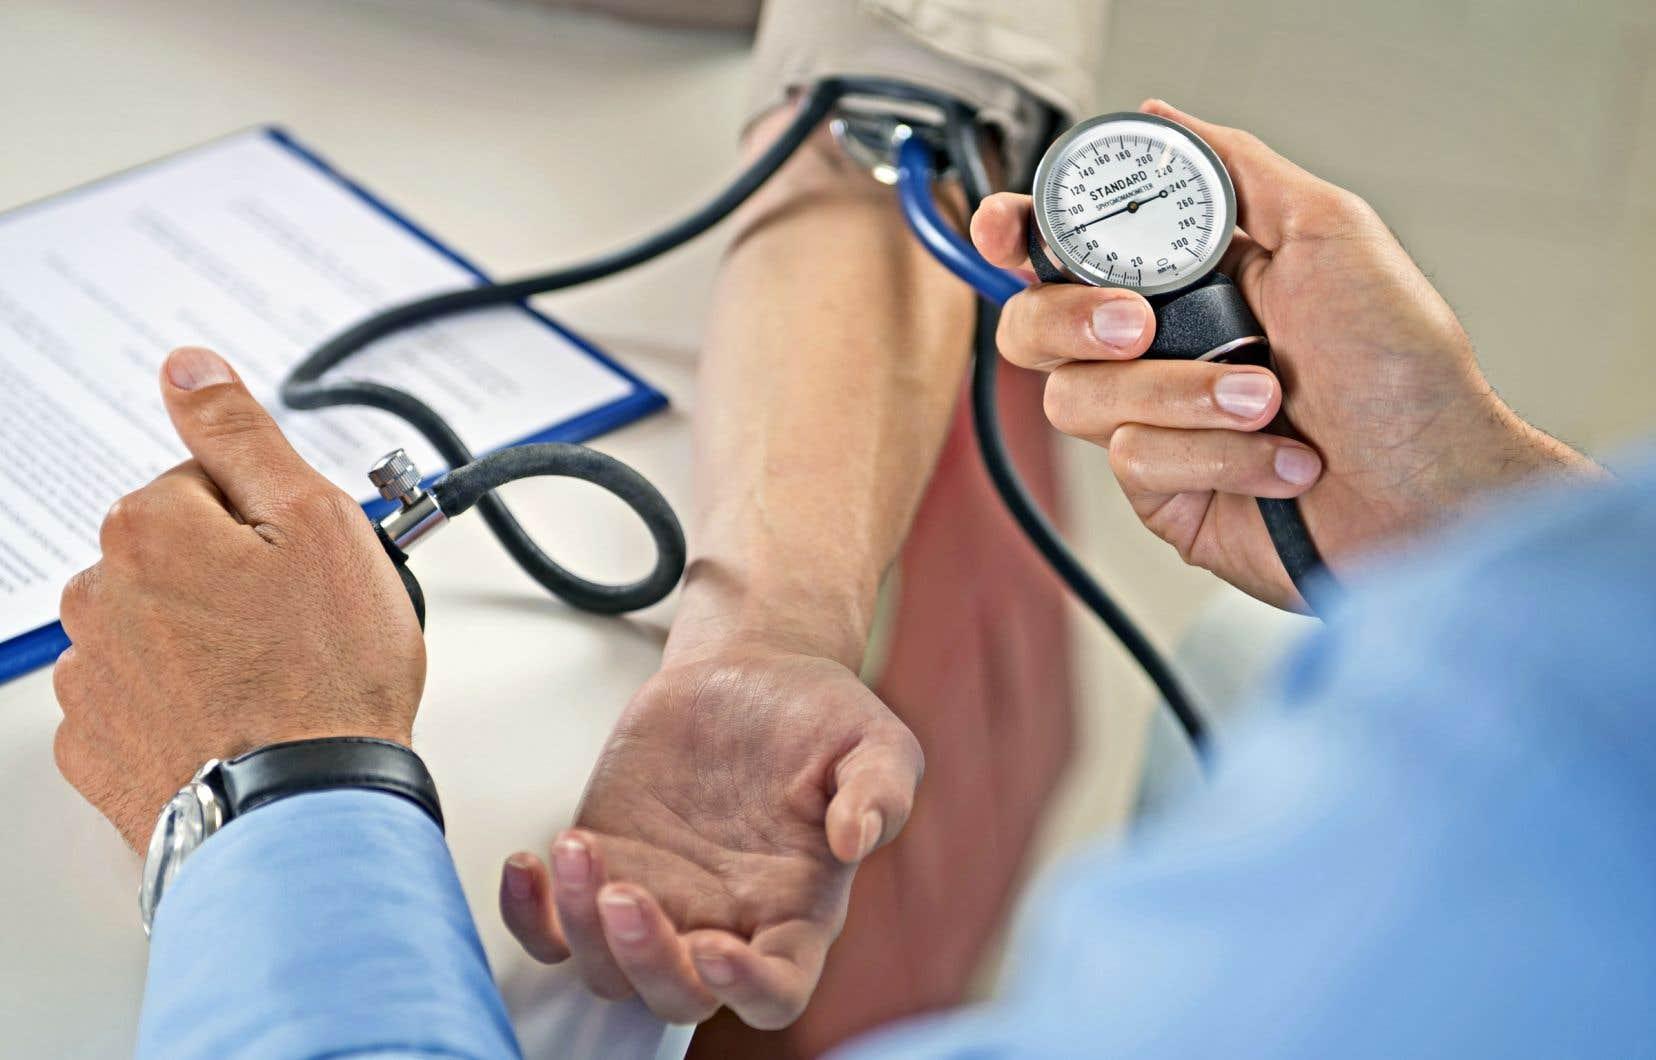 Il semblerait donc que la maladie soit déjà pleinement active, et non en préparation, avant même le diagnostic.